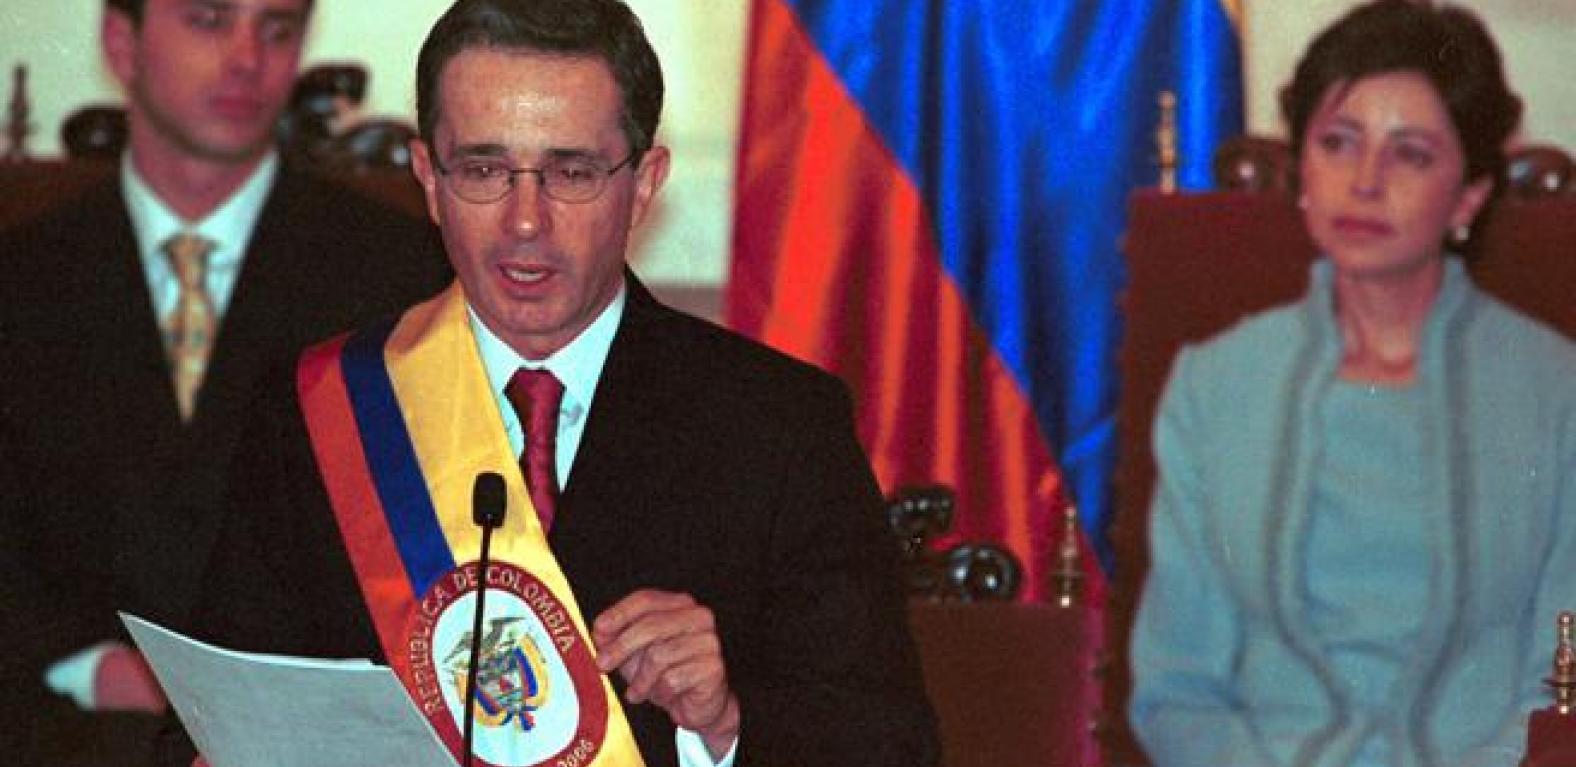 El plan de Álvaro Uribe para mantenerse en el poder | Agencia de ...